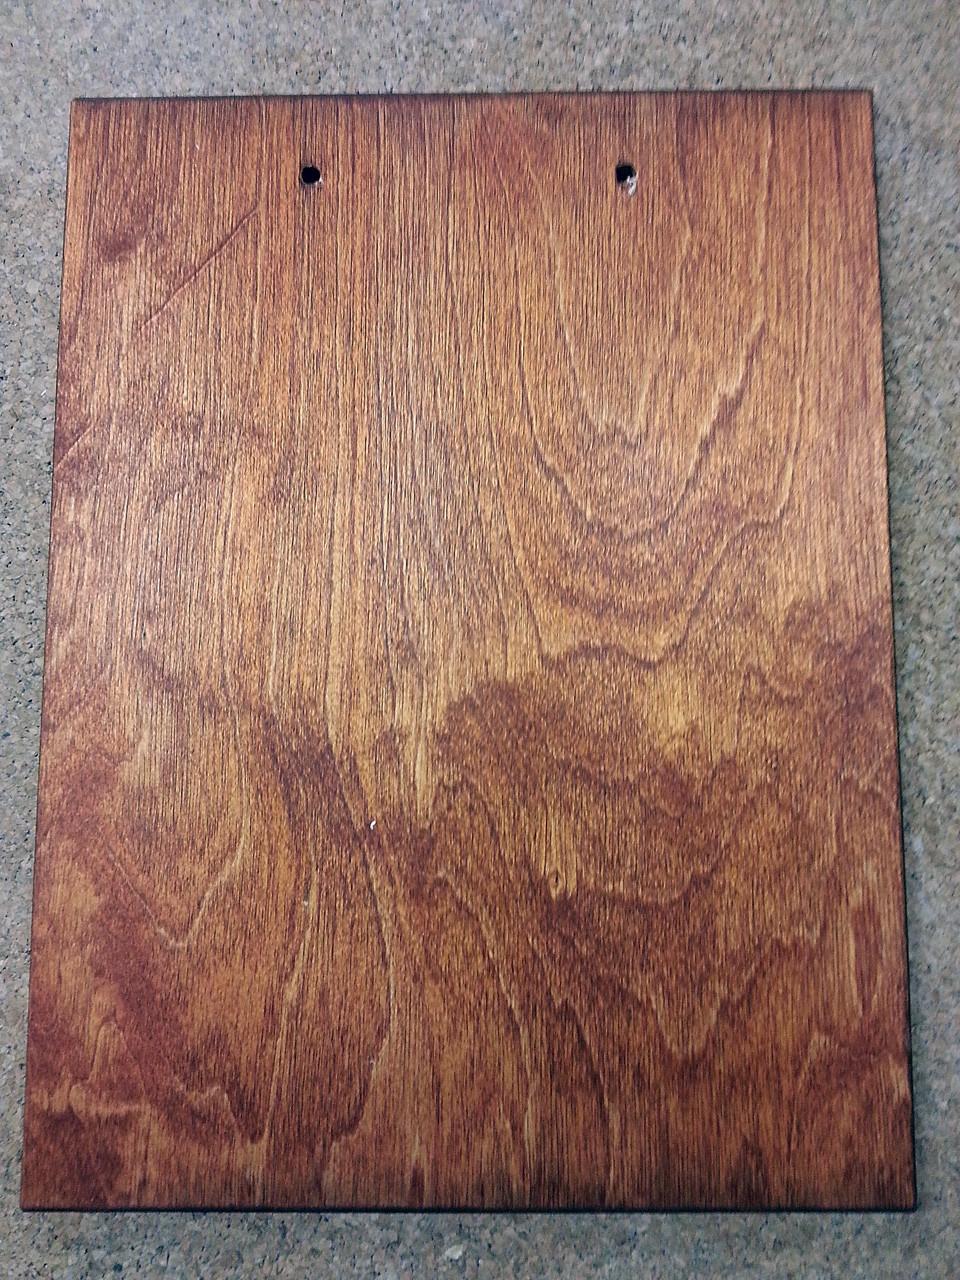 hardwood floor end cap molding of inspiration west wind hardwood intended for menu boards alaska